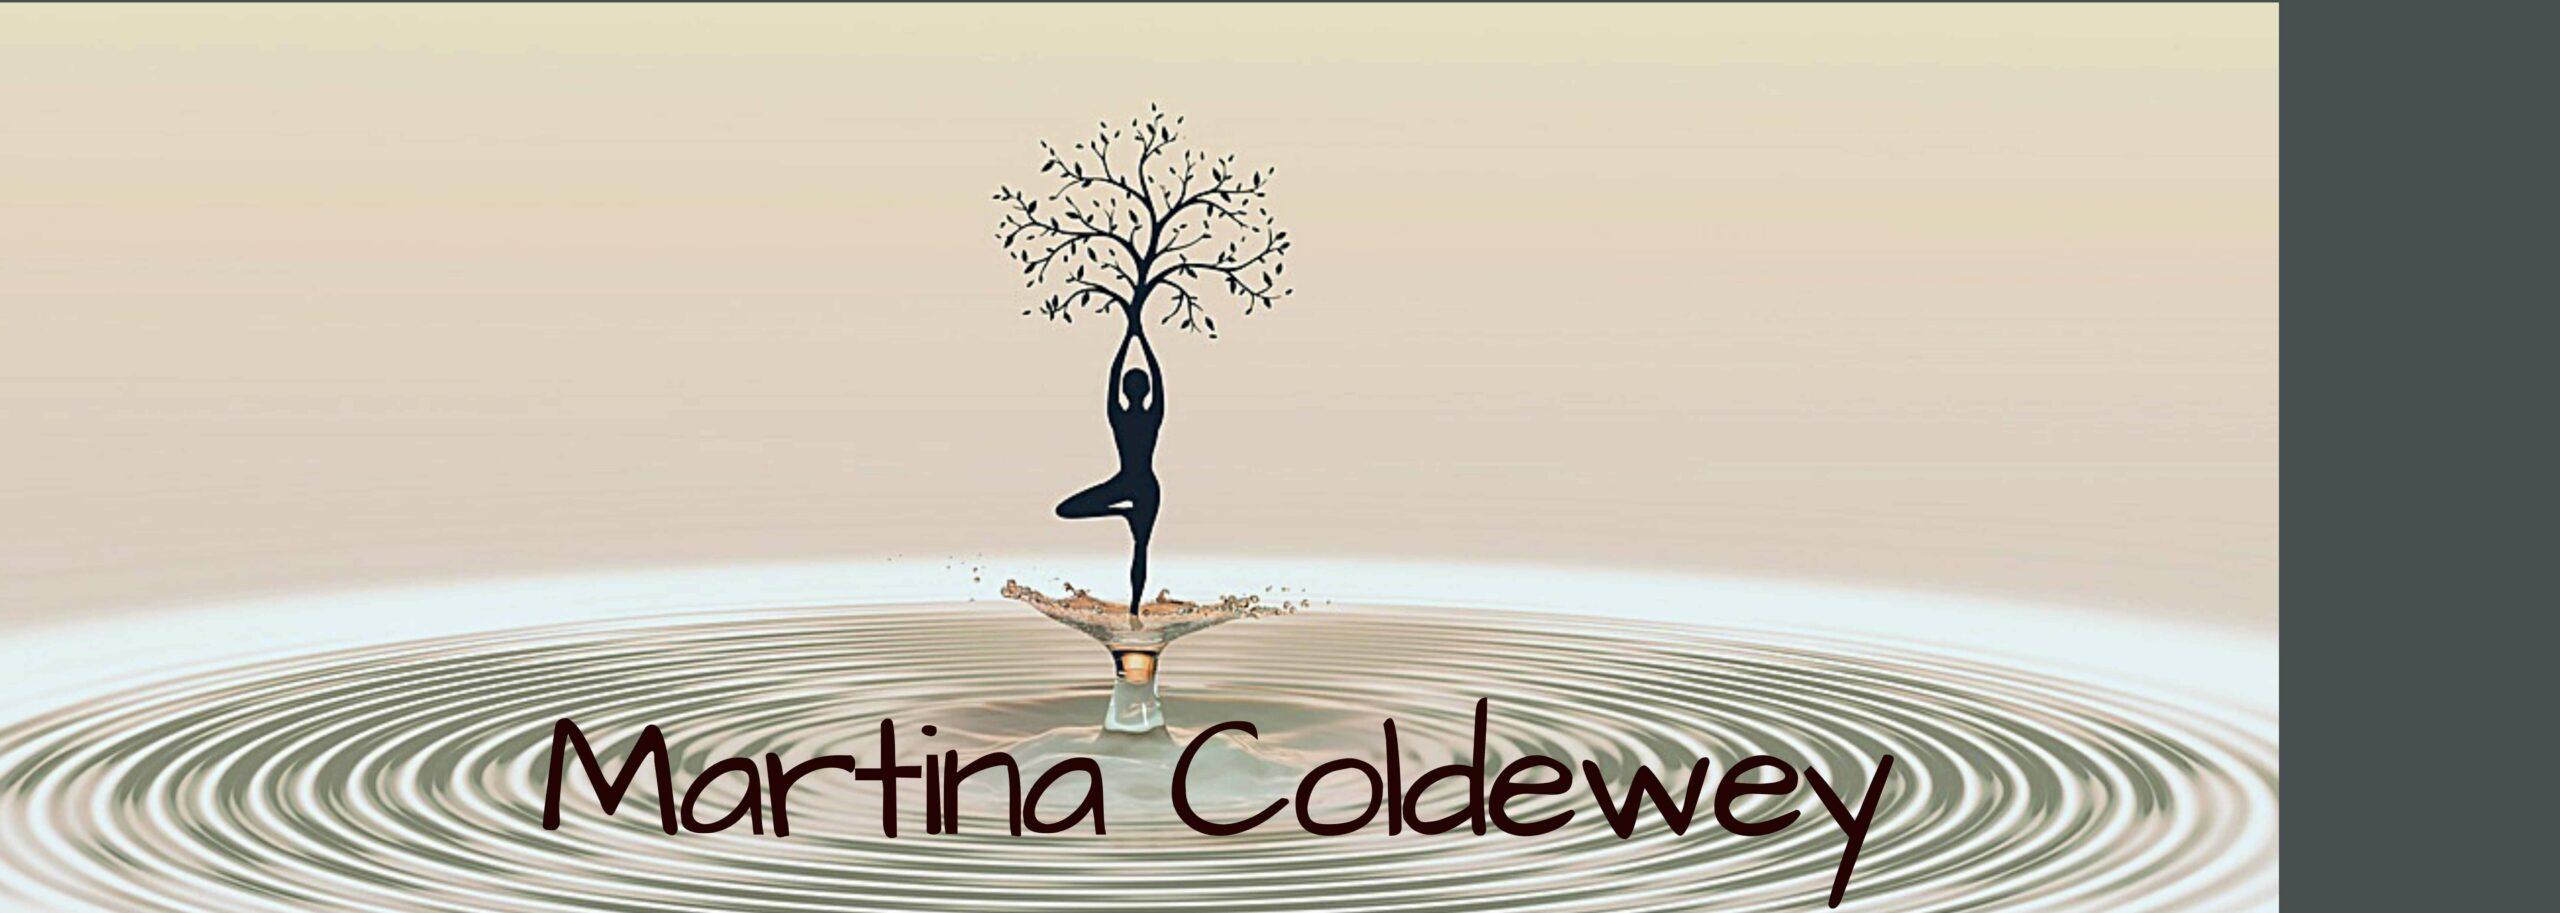 Tänzerin auf Wassertropfen,Collage mit Bildtitel